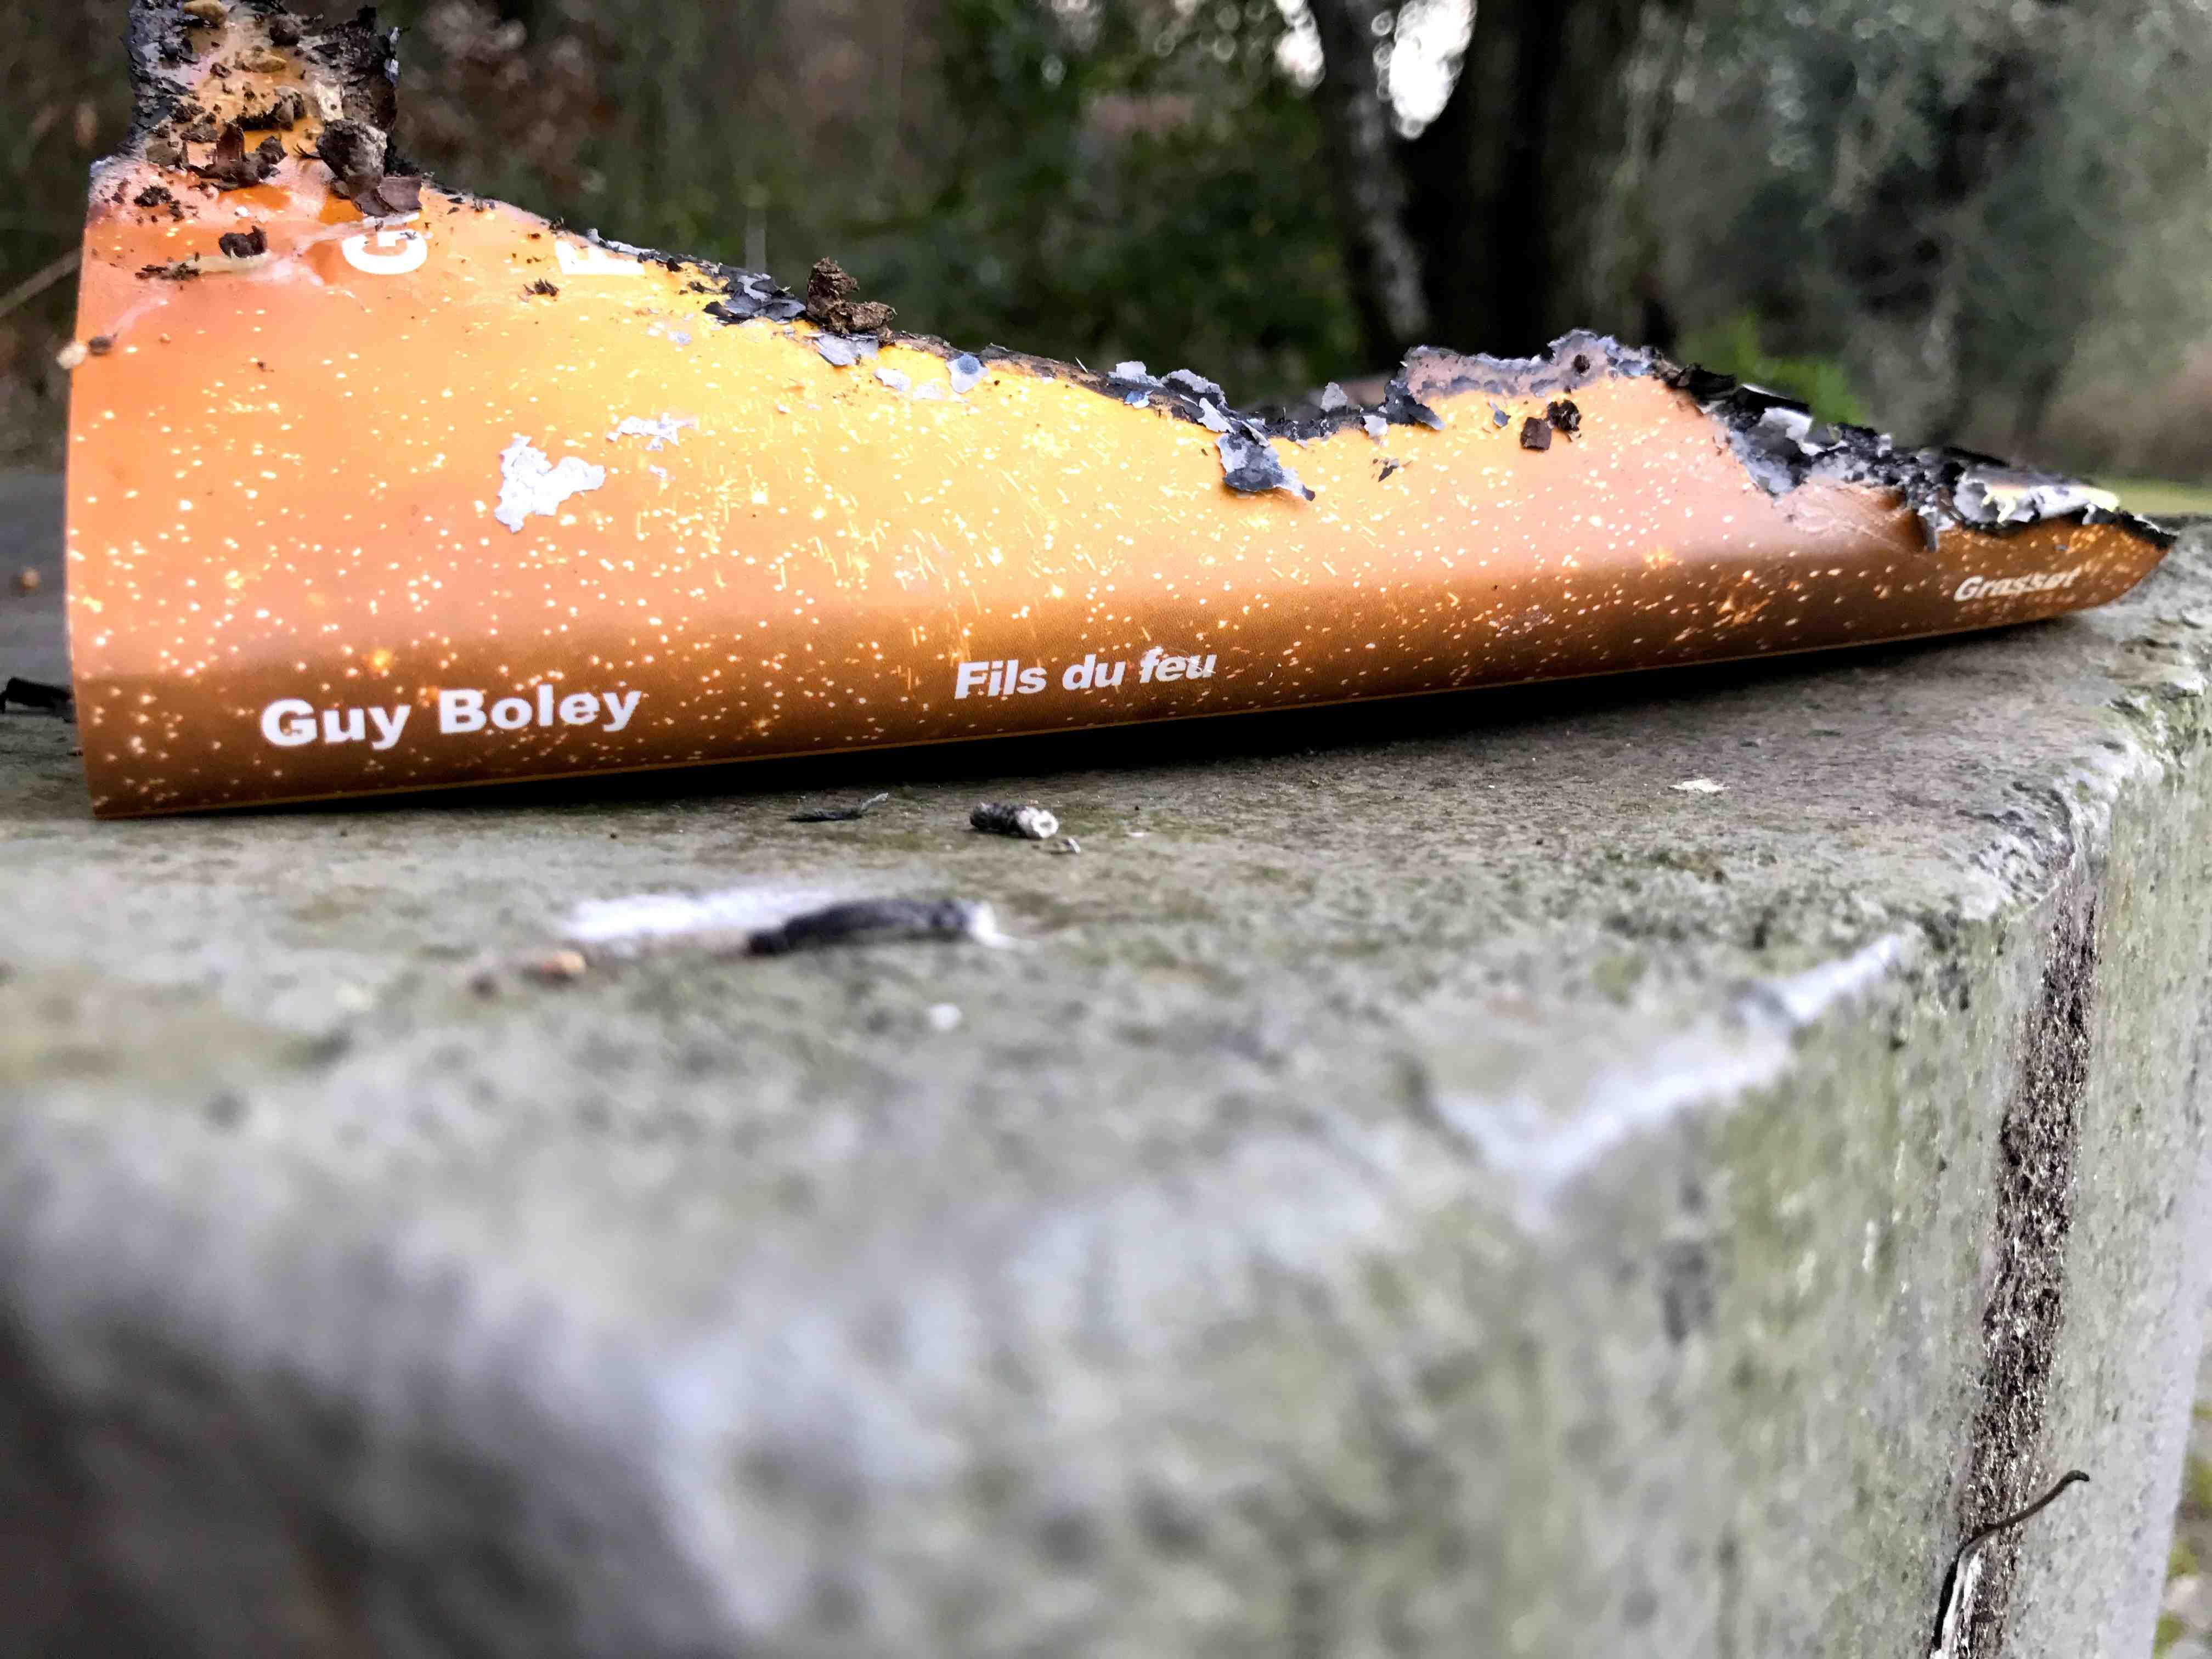 Guy Boley